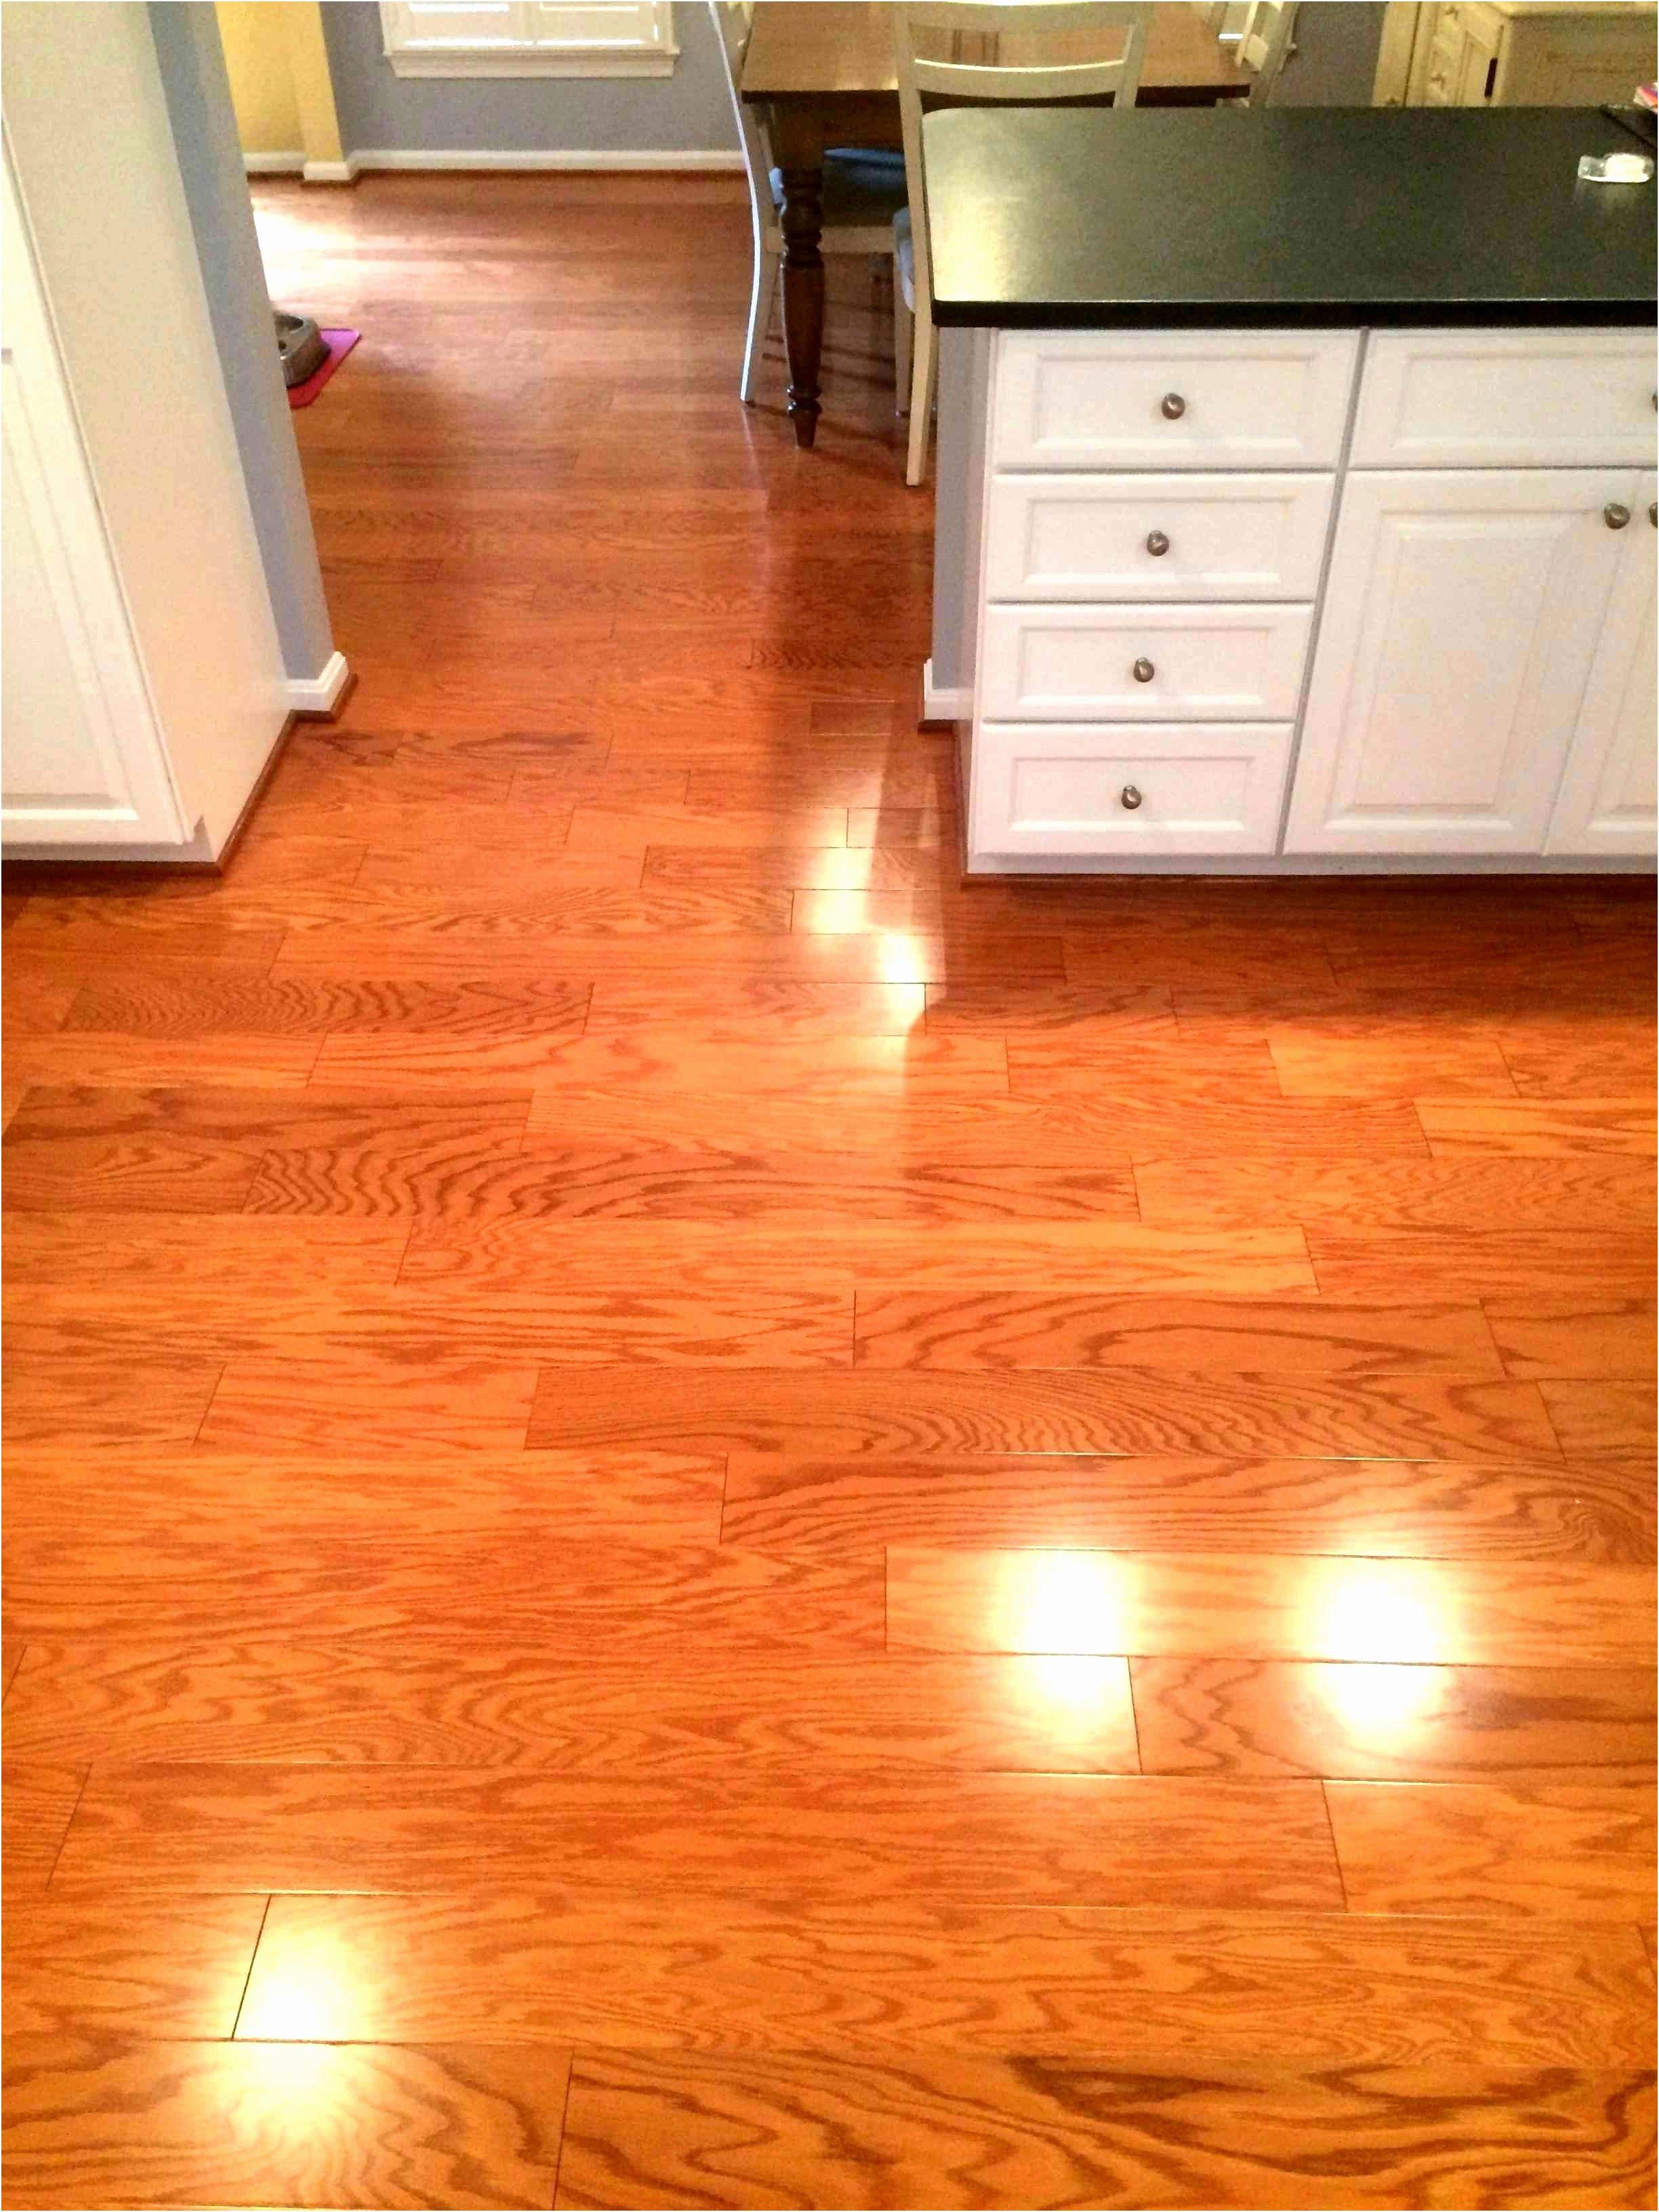 hh hardwood floors of floor buckling floor for floor buckling non slip hardwood floor podemosleganes